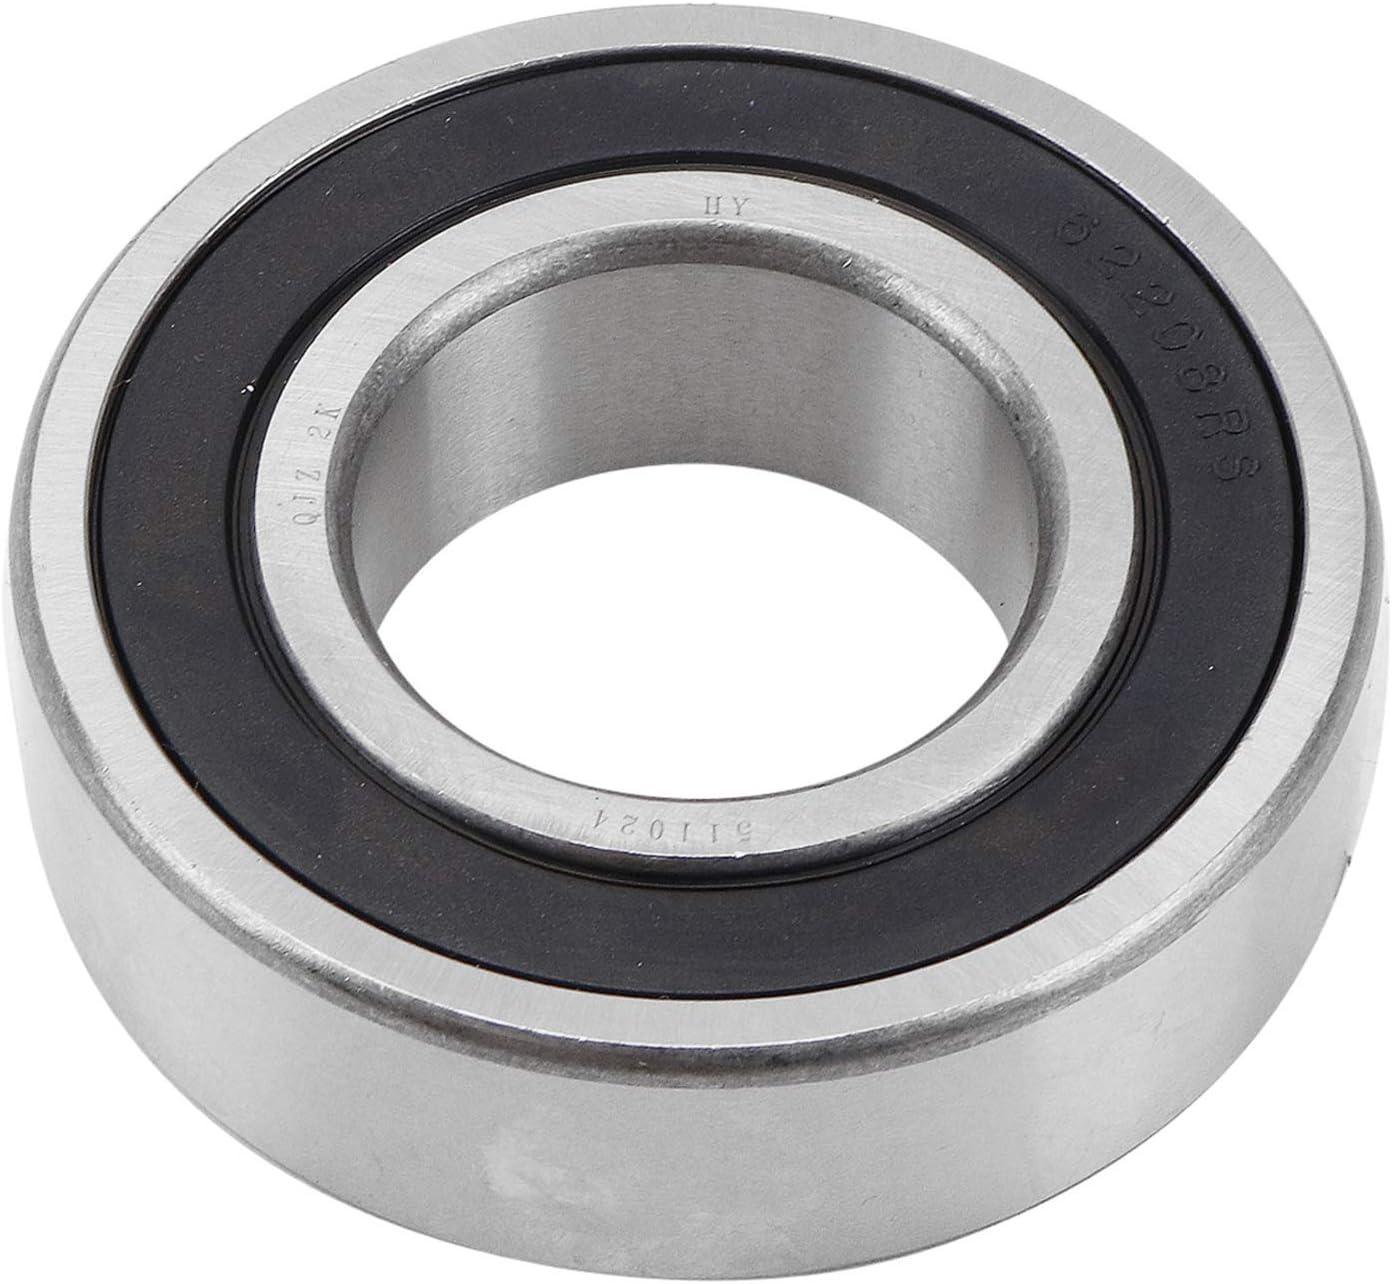 Beck Arnley 051-4157 Bearing